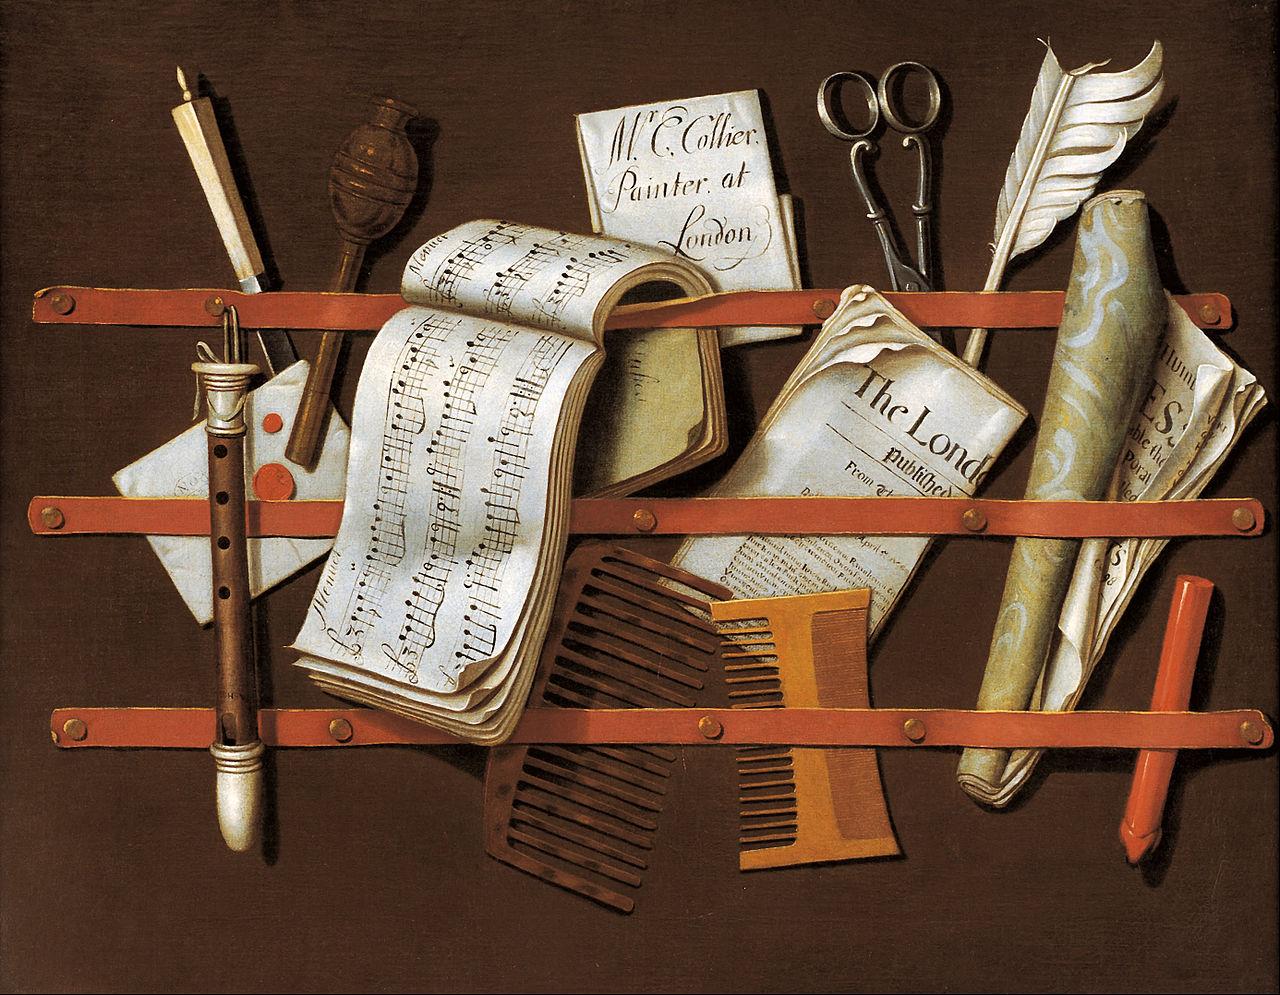 https://upload.wikimedia.org/wikipedia/commons/thumb/6/64/Edward_Collier_-_Letter_rack_-_Google_Art_Project.jpg/1280px-Edward_Collier_-_Letter_rack_-_Google_Art_Project.jpg